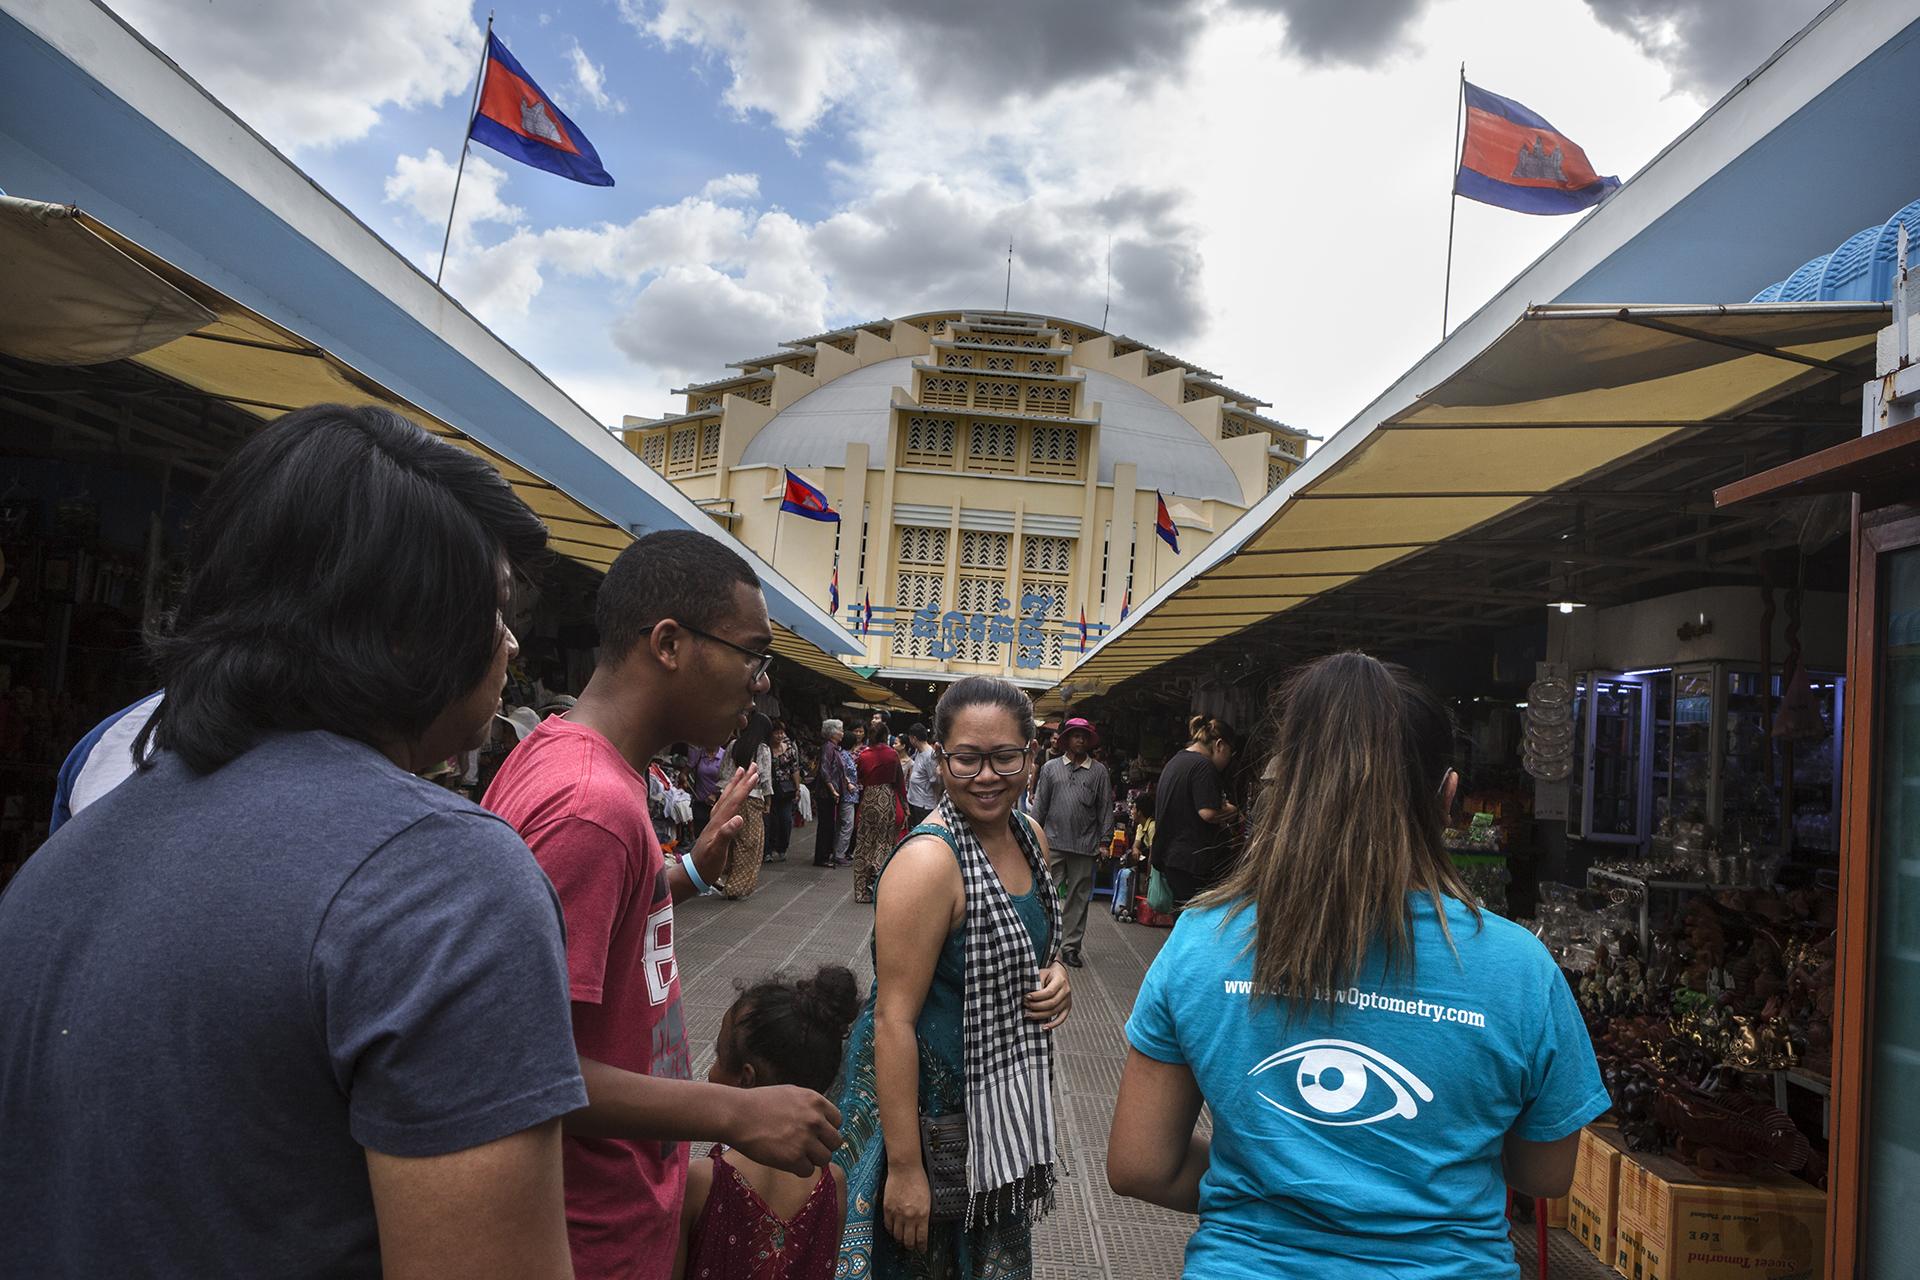 Juin 2016. Visite du plus grand centre commercial de Phnom-Penh, le Eon Mall Durant un peu plus de 3 semaines Sophea a accompagné sa famille à la découverte du Cambodge. La majorité n'était jamais venue dans le pays de leurs ancêtres. Ce voyage a été un moment de partage et de complicité.